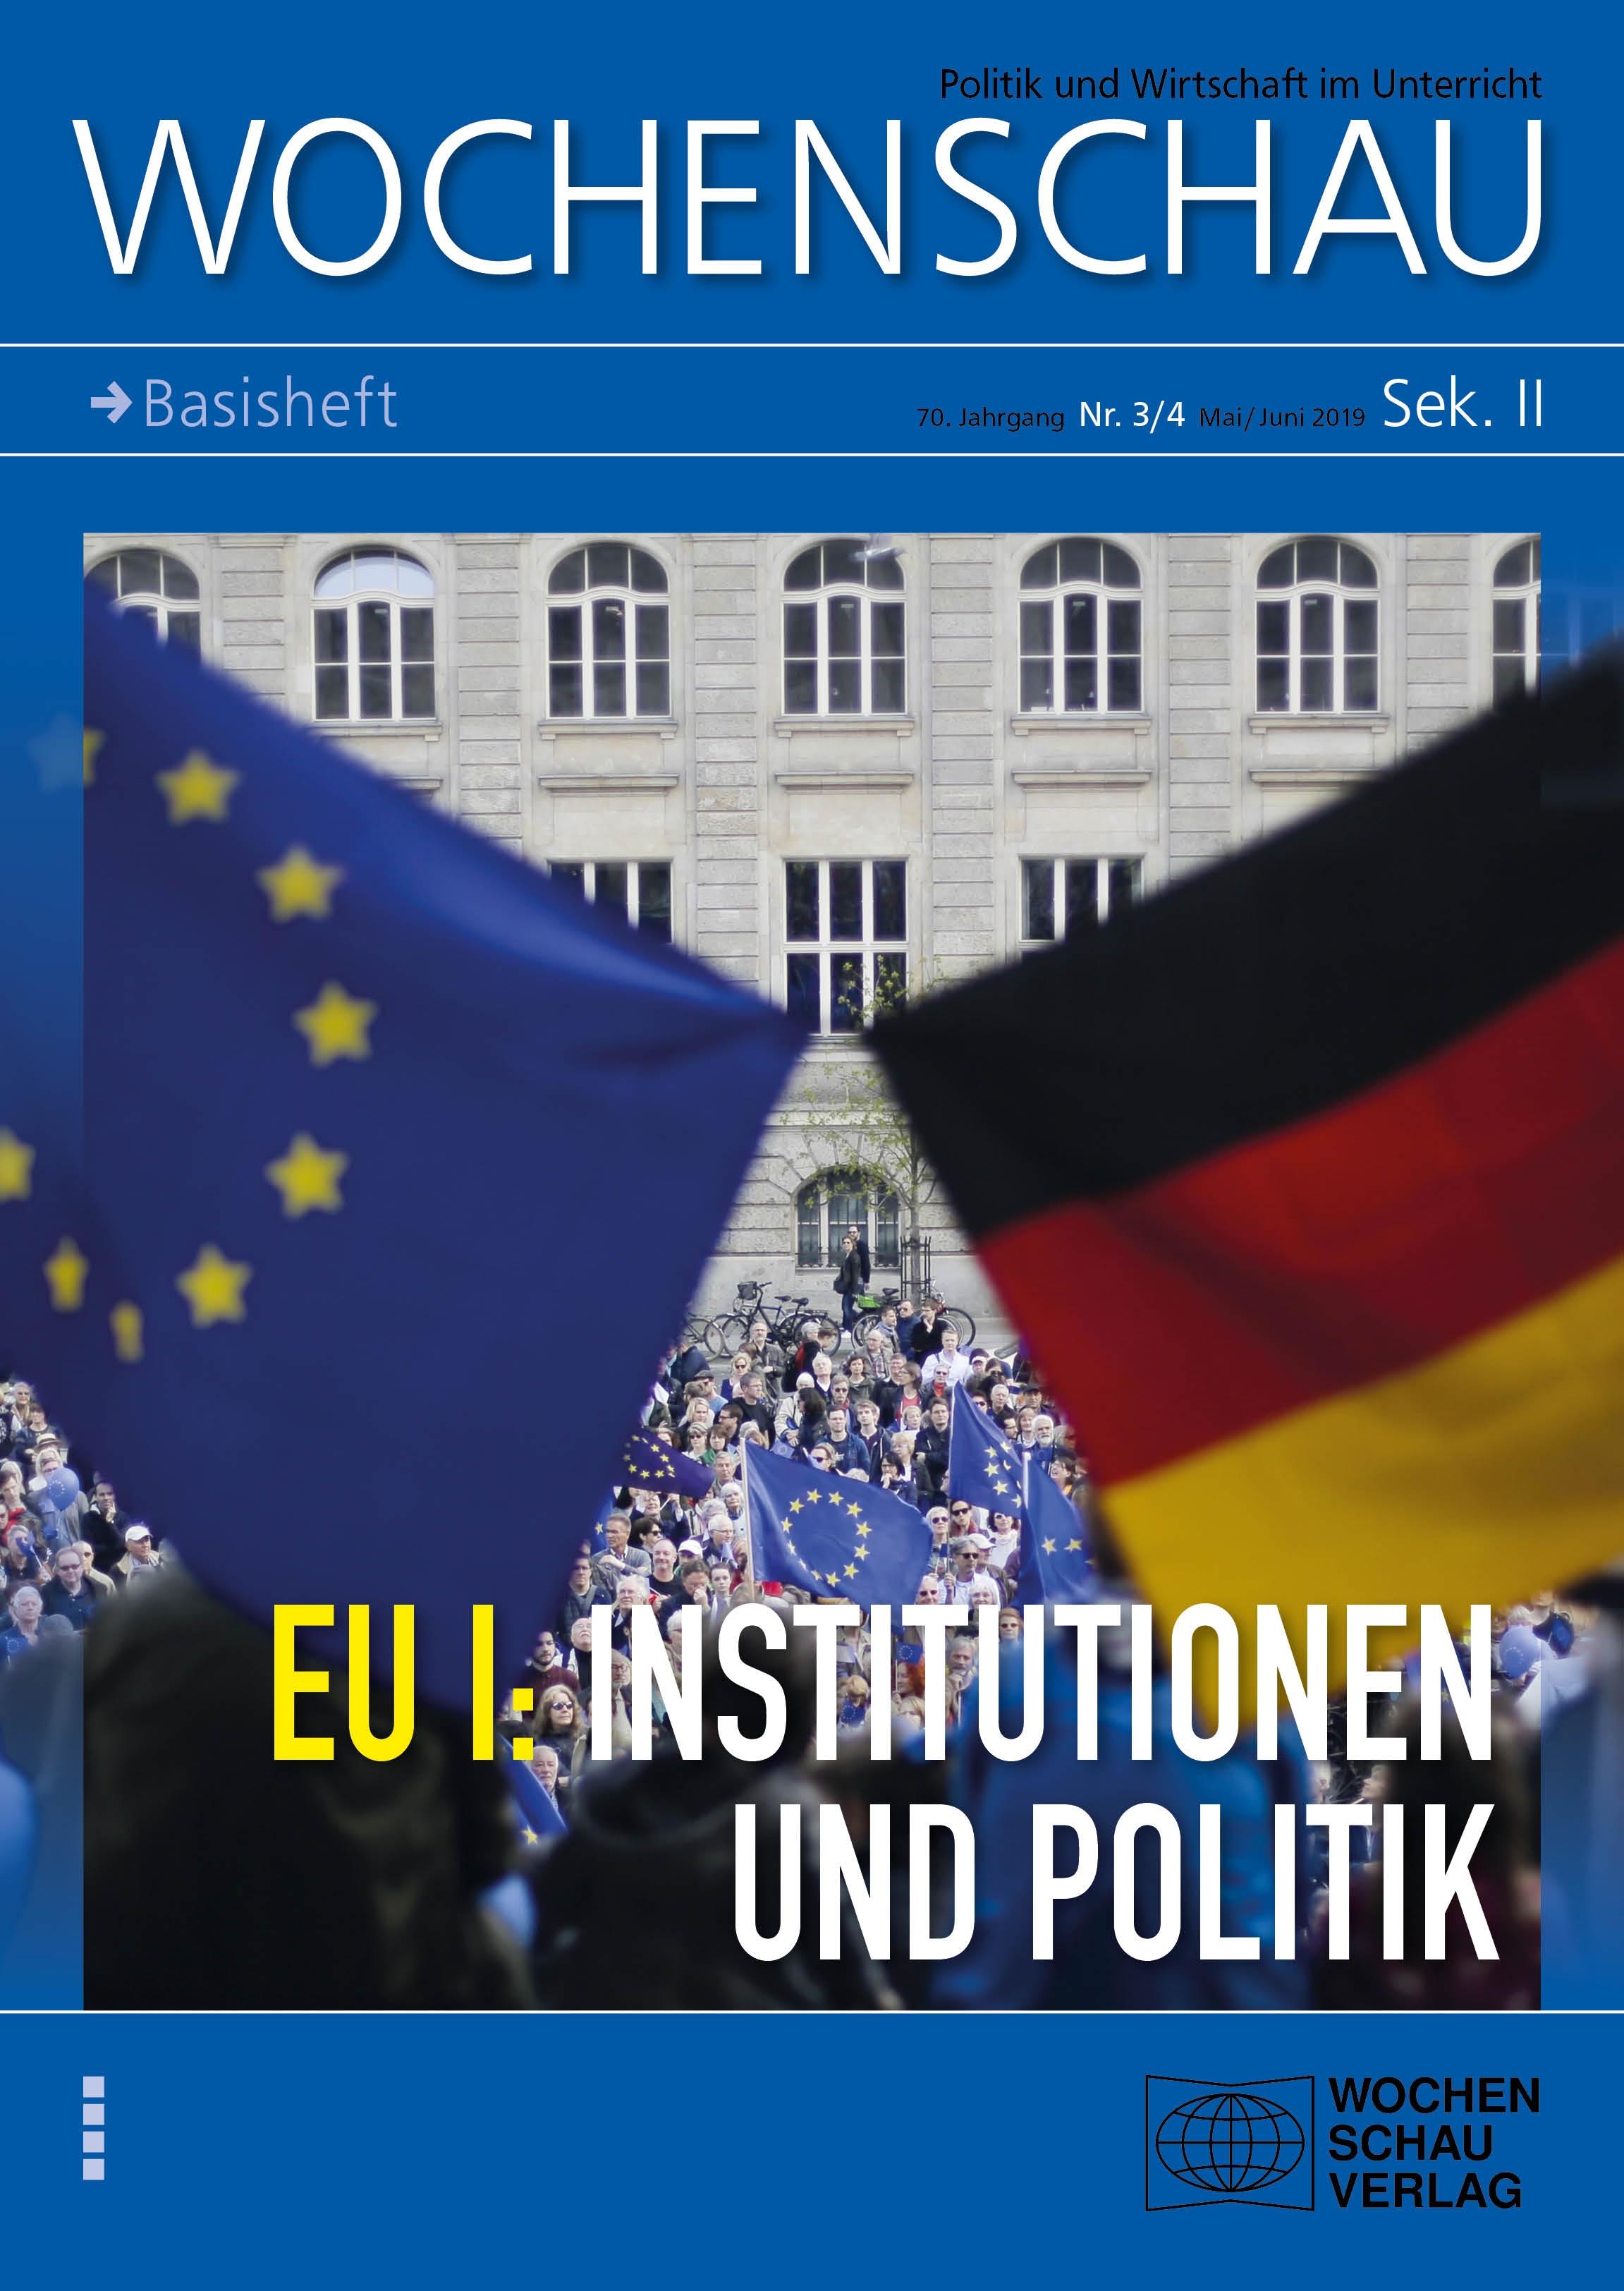 EU, Europäische Union, Europa, Institutionen, Politik, Zukunftsszenario